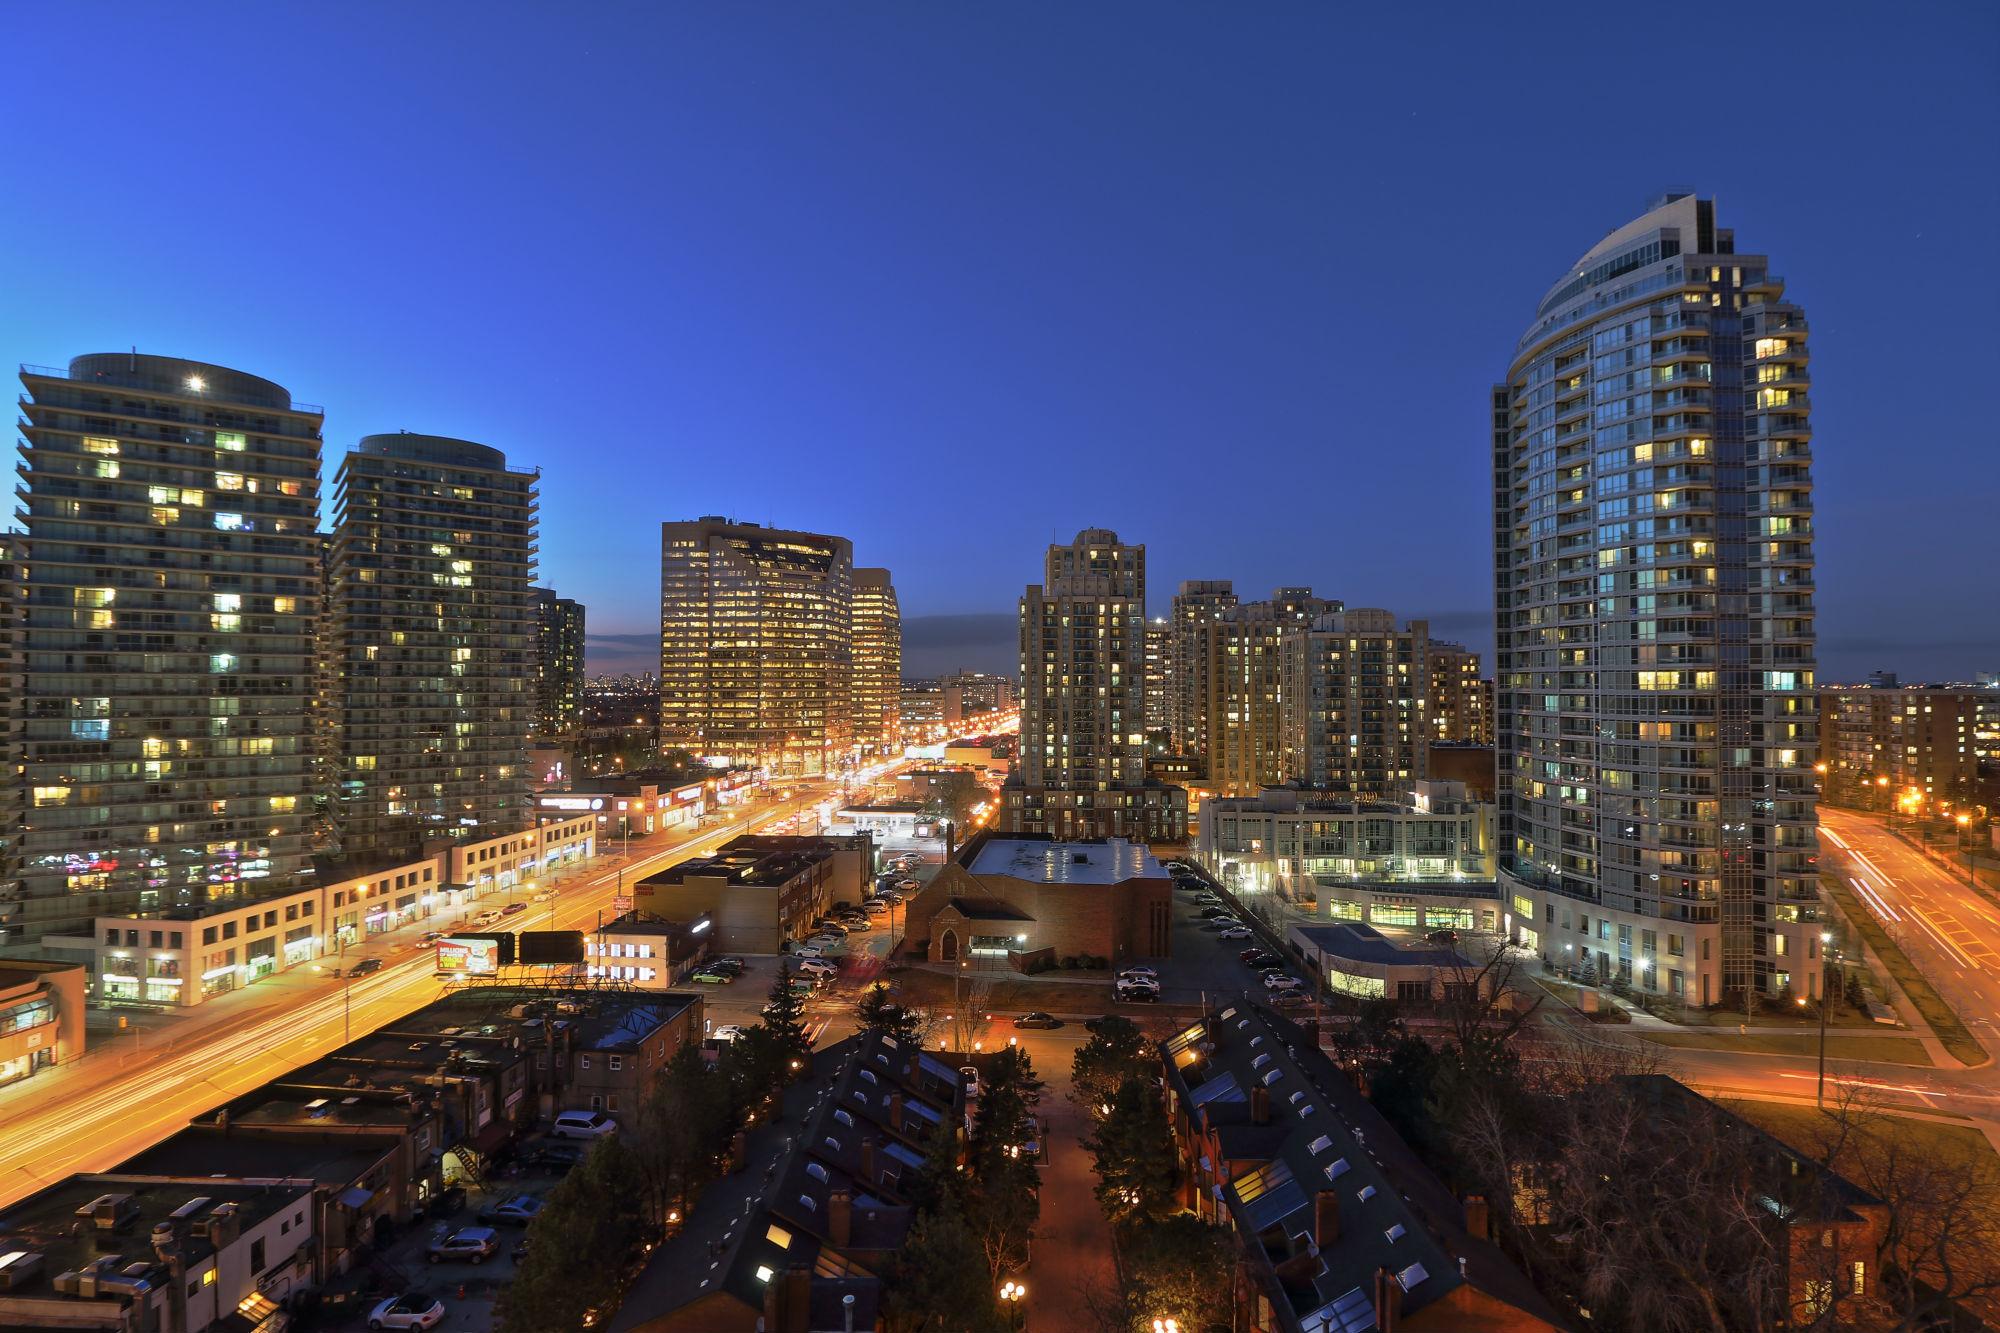 多伦多北约克区攻略,多伦多北约克区简介图片,门票价格,开放时间- 无二之旅